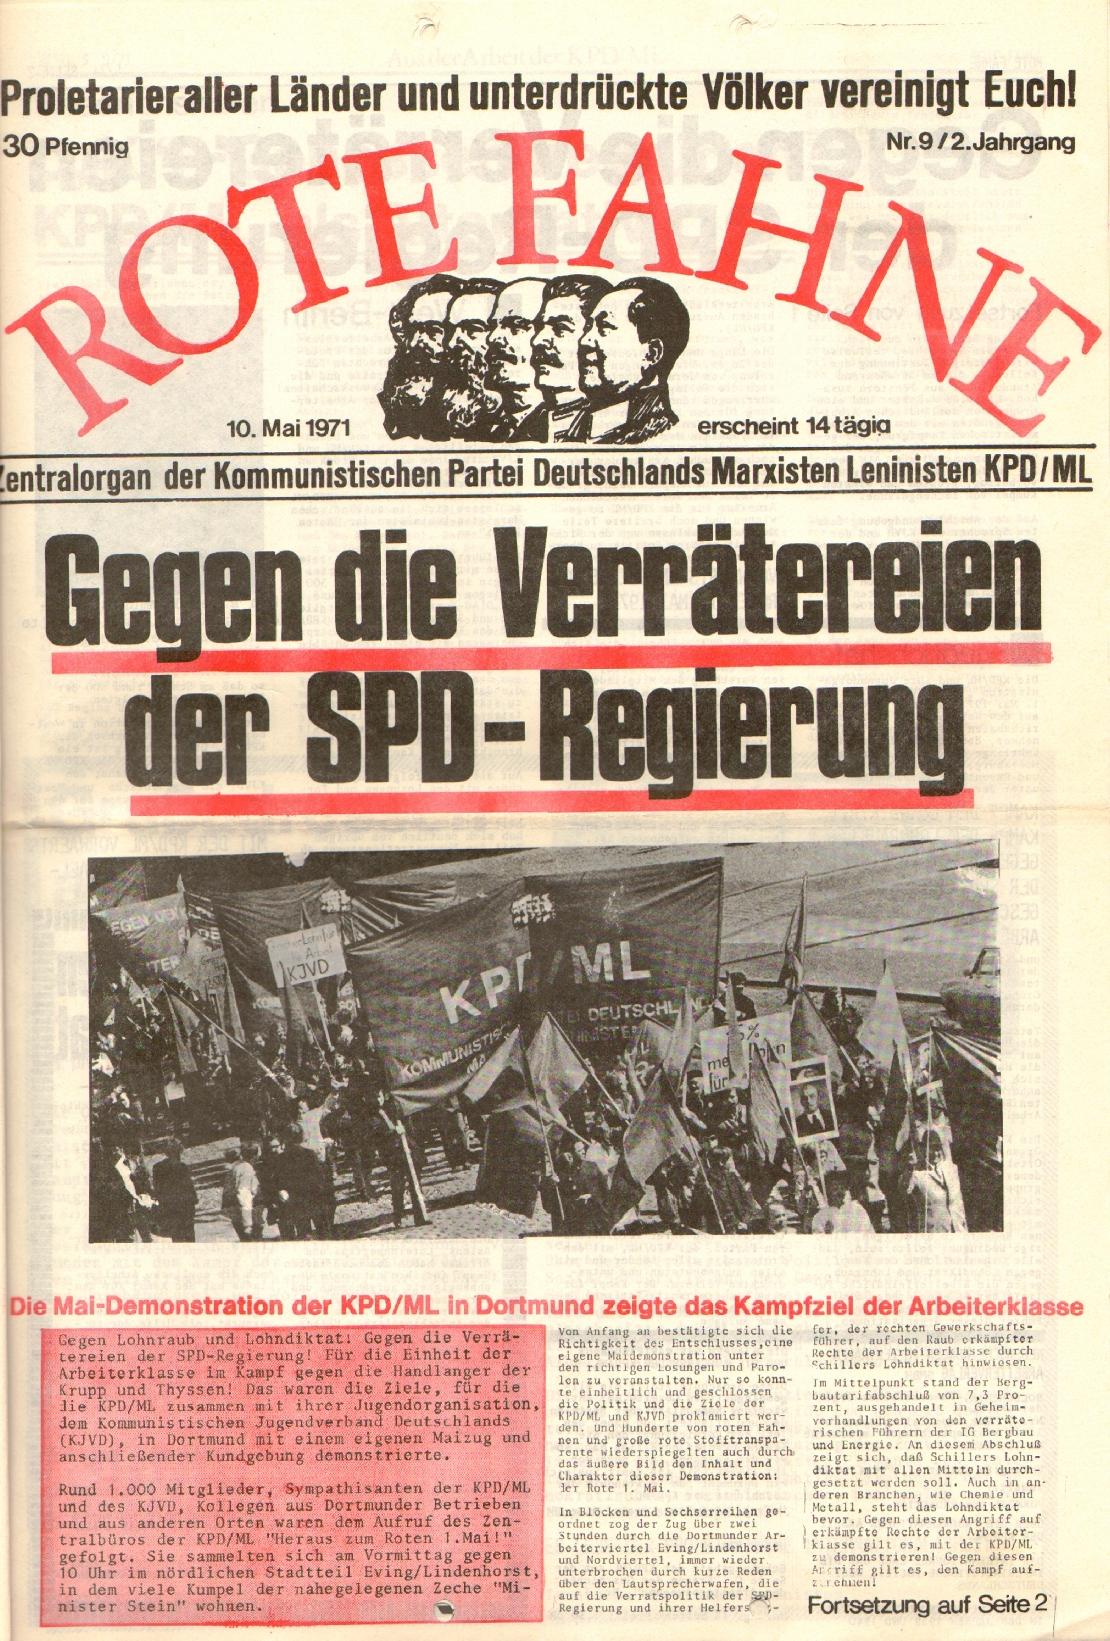 Rote Fahne, 2. Jg., 10.5.1971, Nr. 9, Seite 1